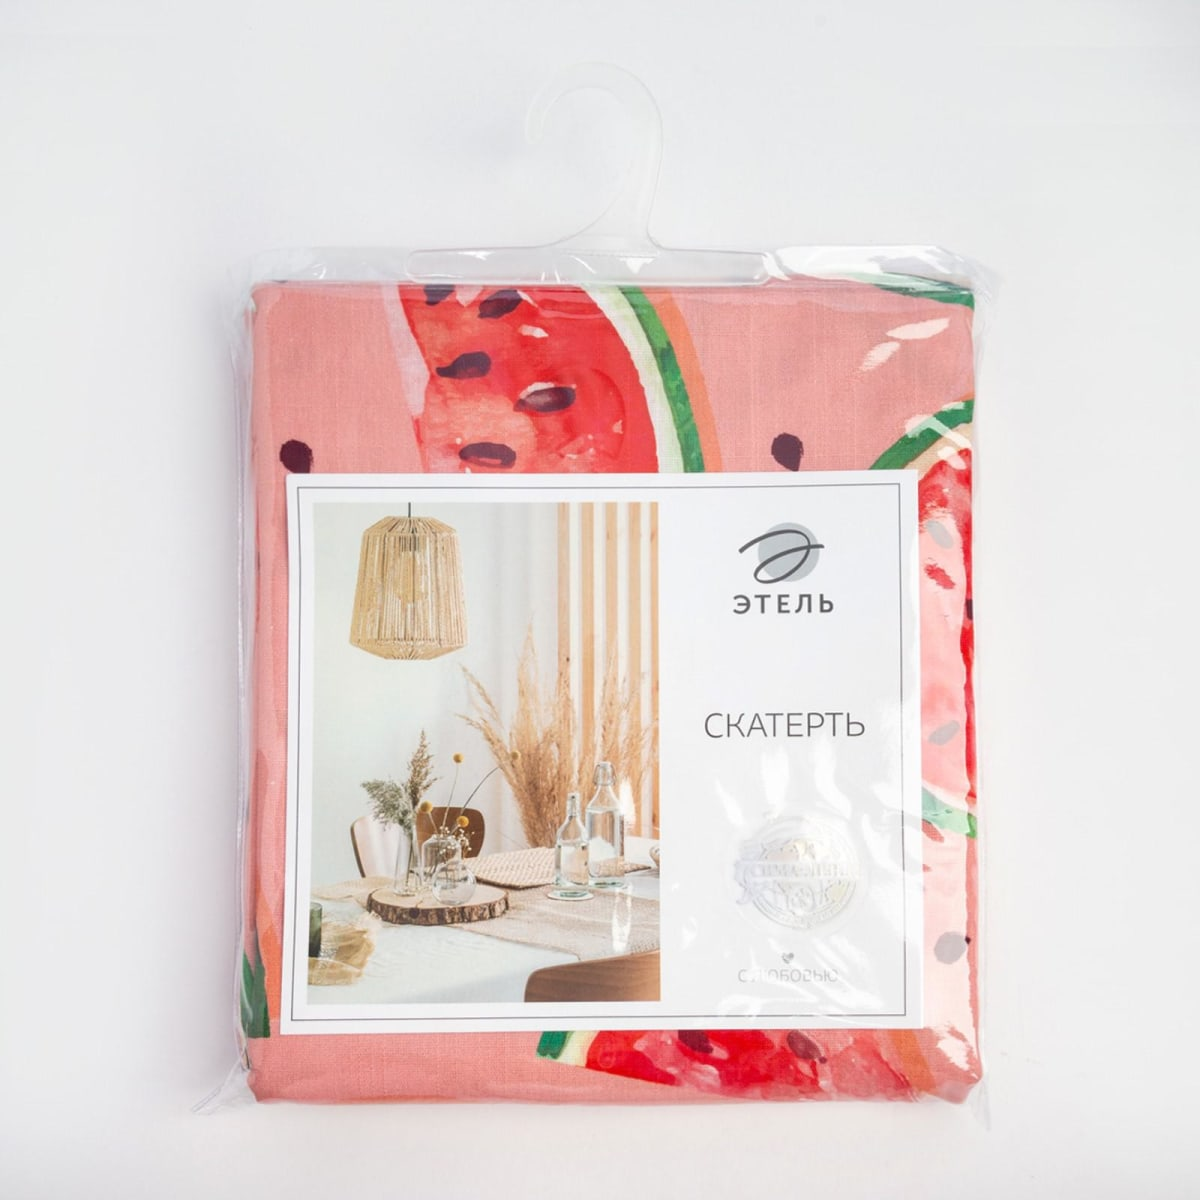 Купить скатерти льняные в интернет-магазине в Новосибирске ...